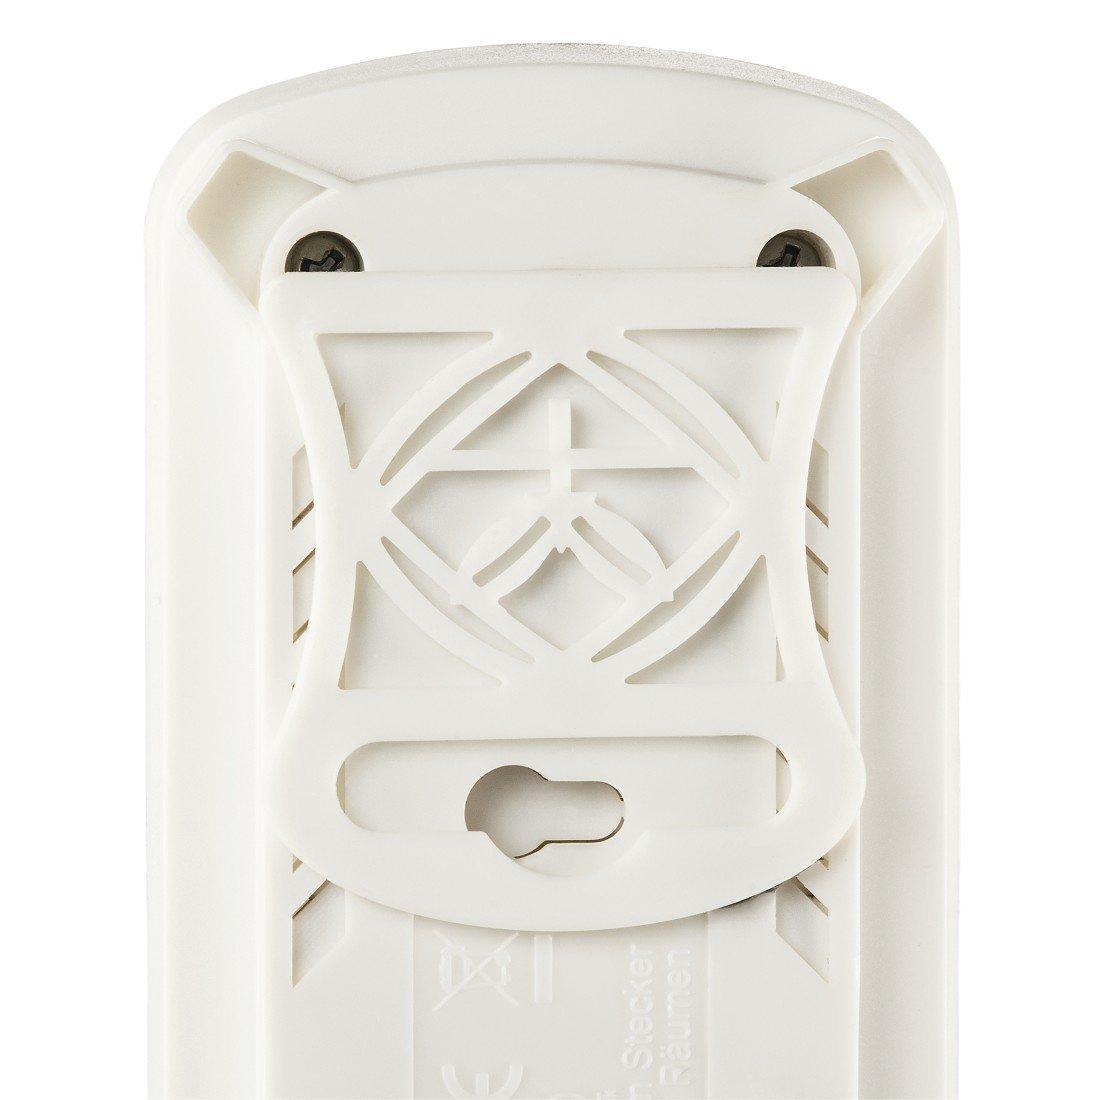 Удлинитель НАМА на 6 розеток, с выключателем, 1,5 м, белый ...